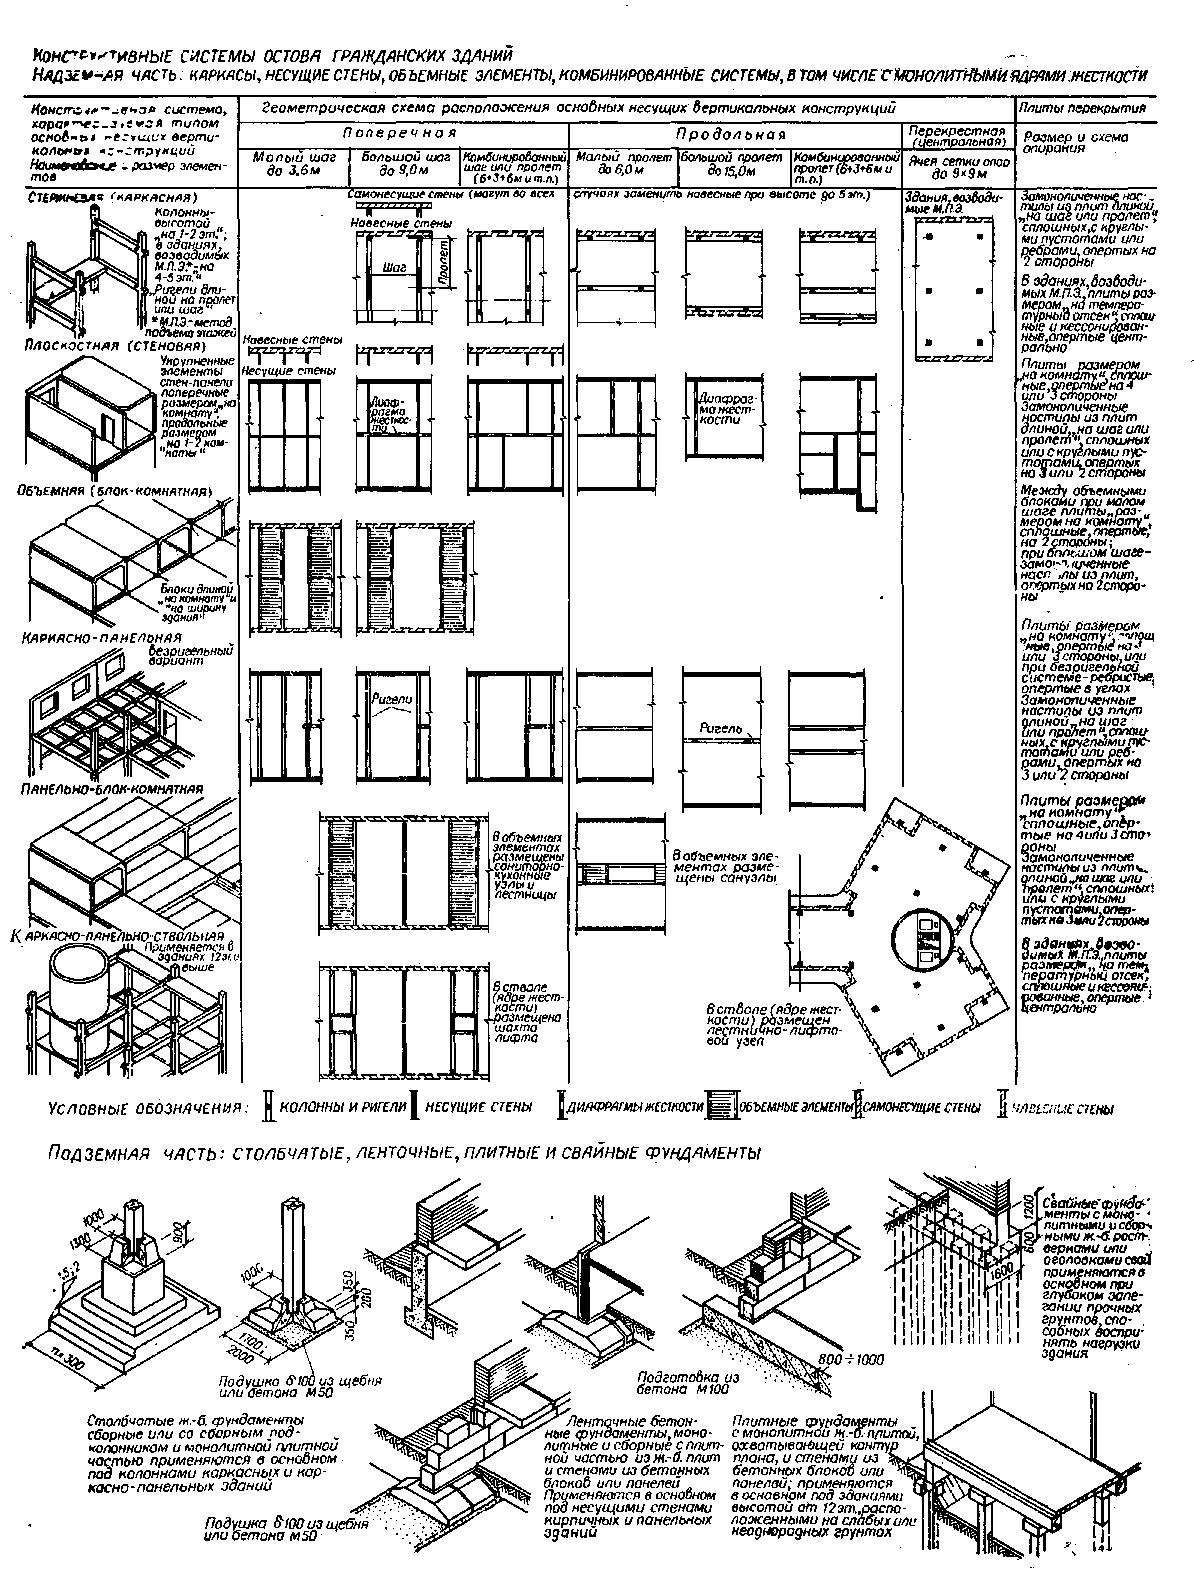 схема бетонных вентиляционных блоков в старых домах